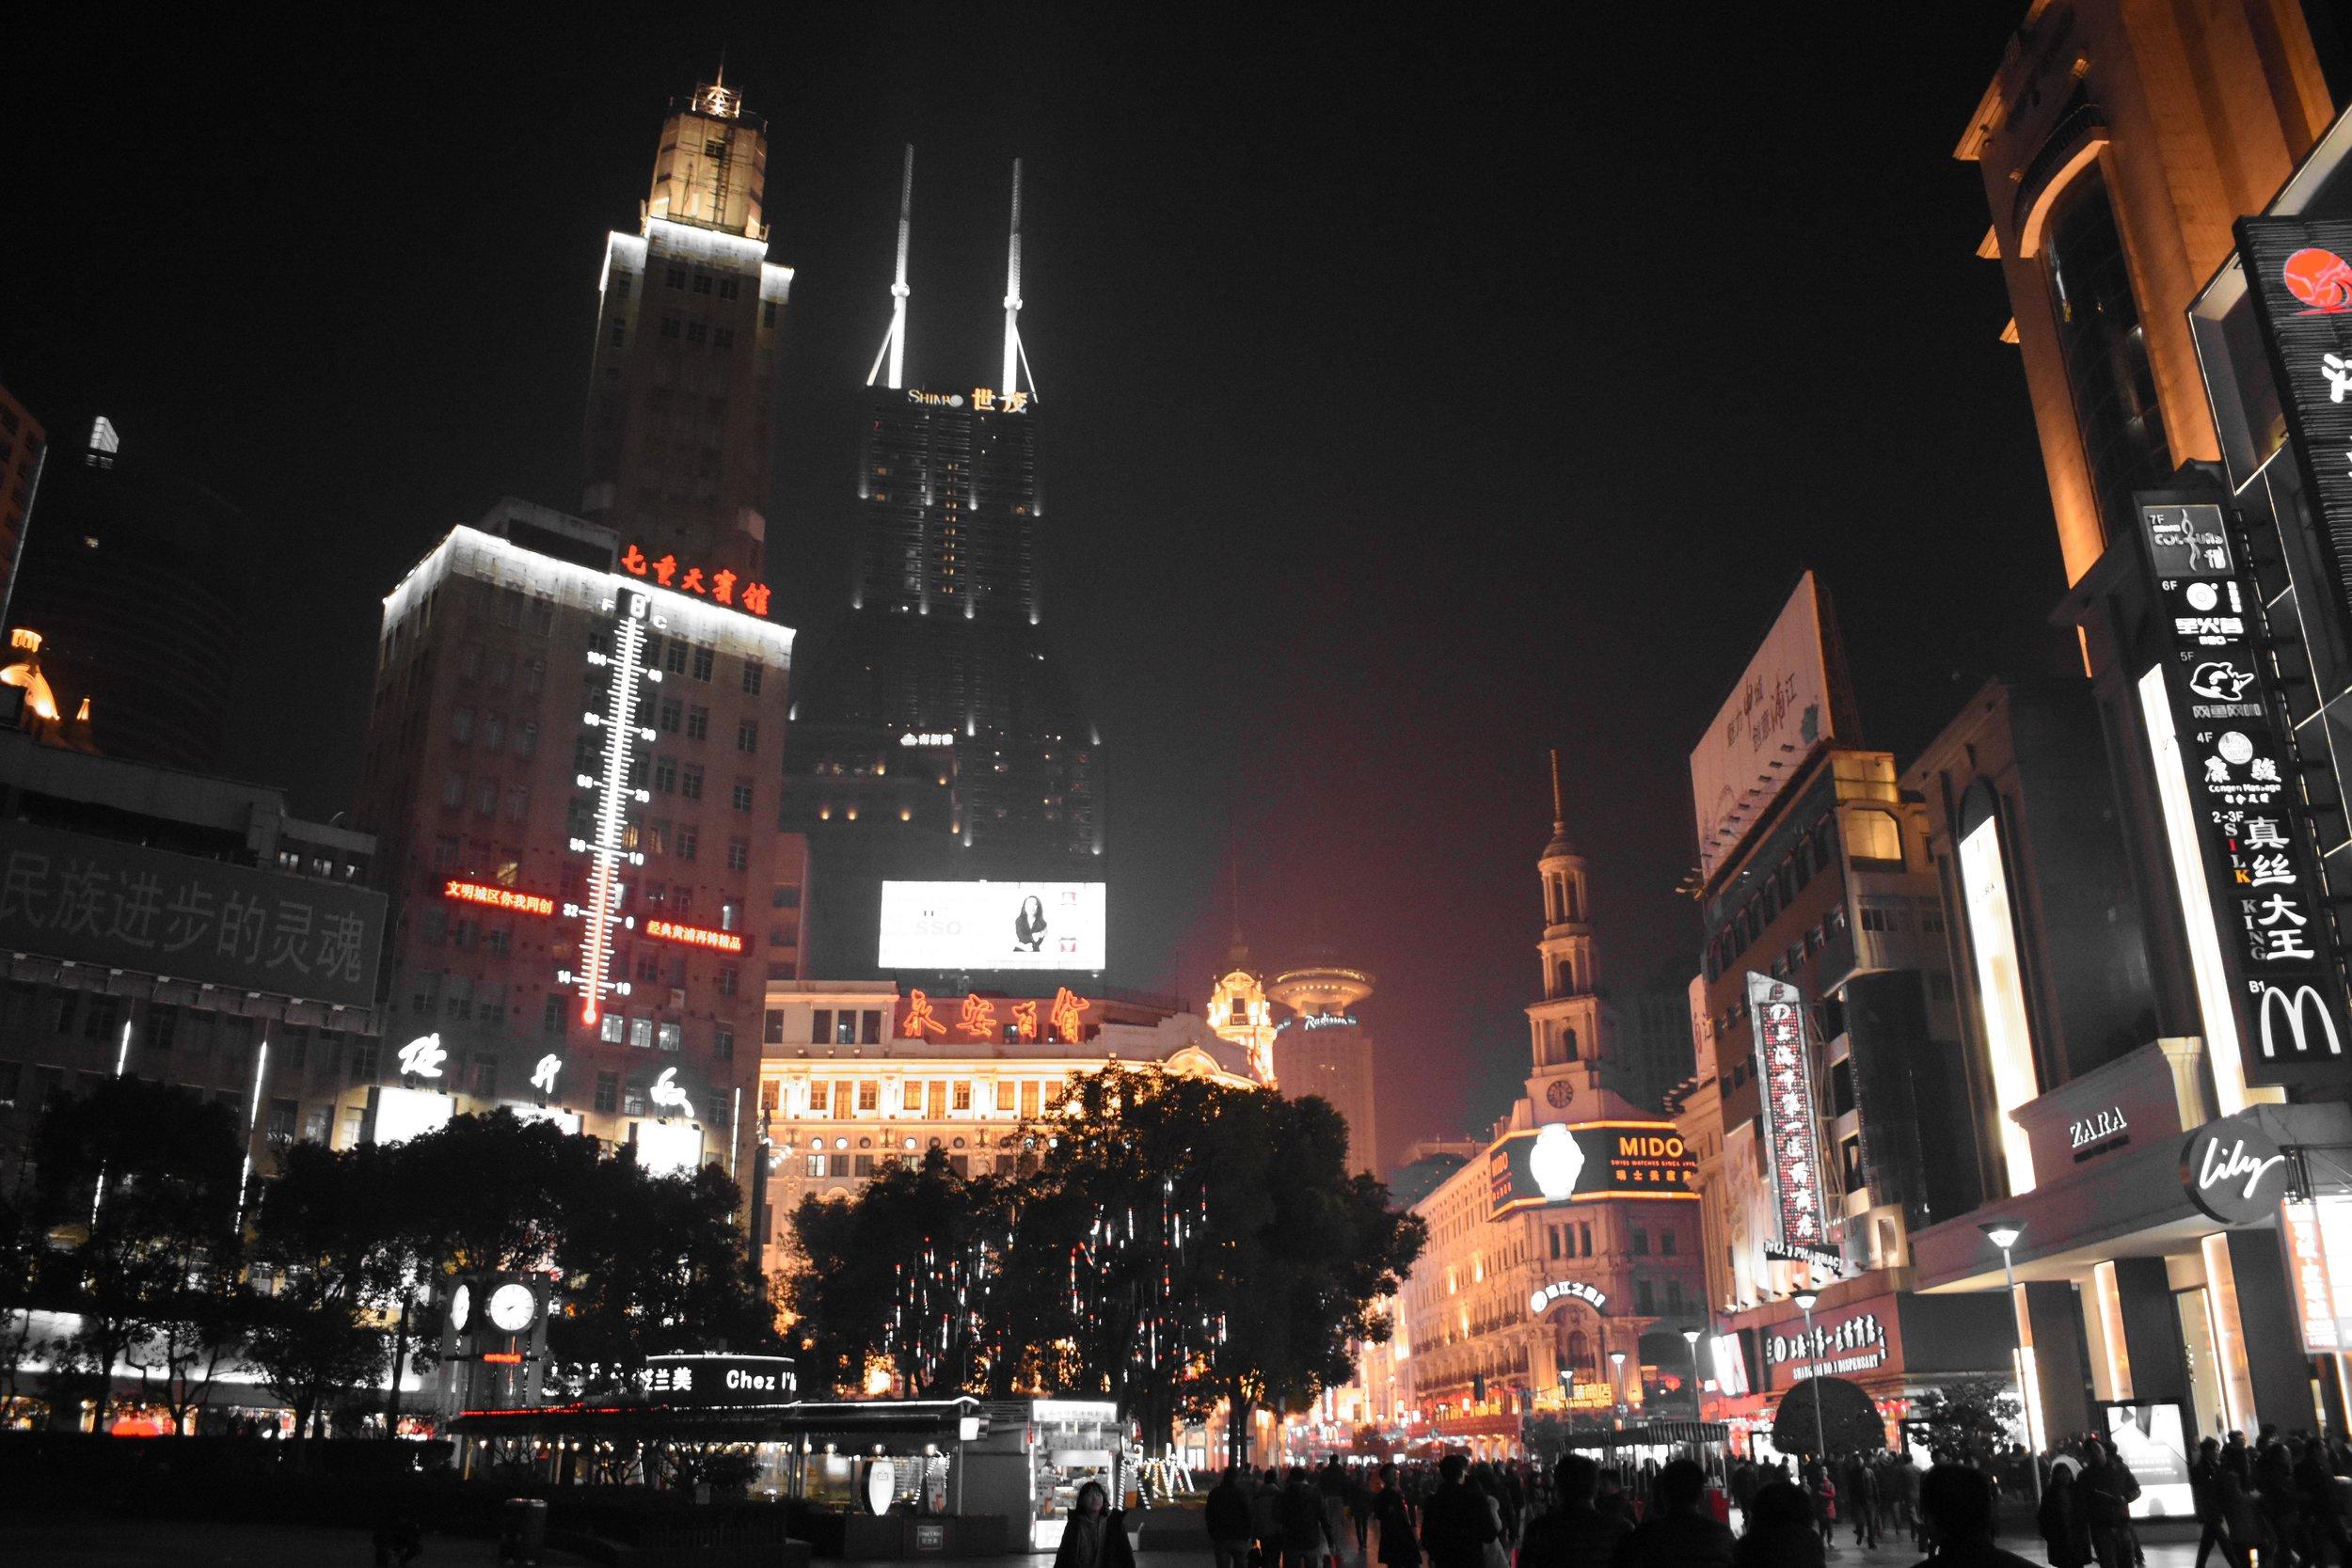 Nanjing Rd at Night